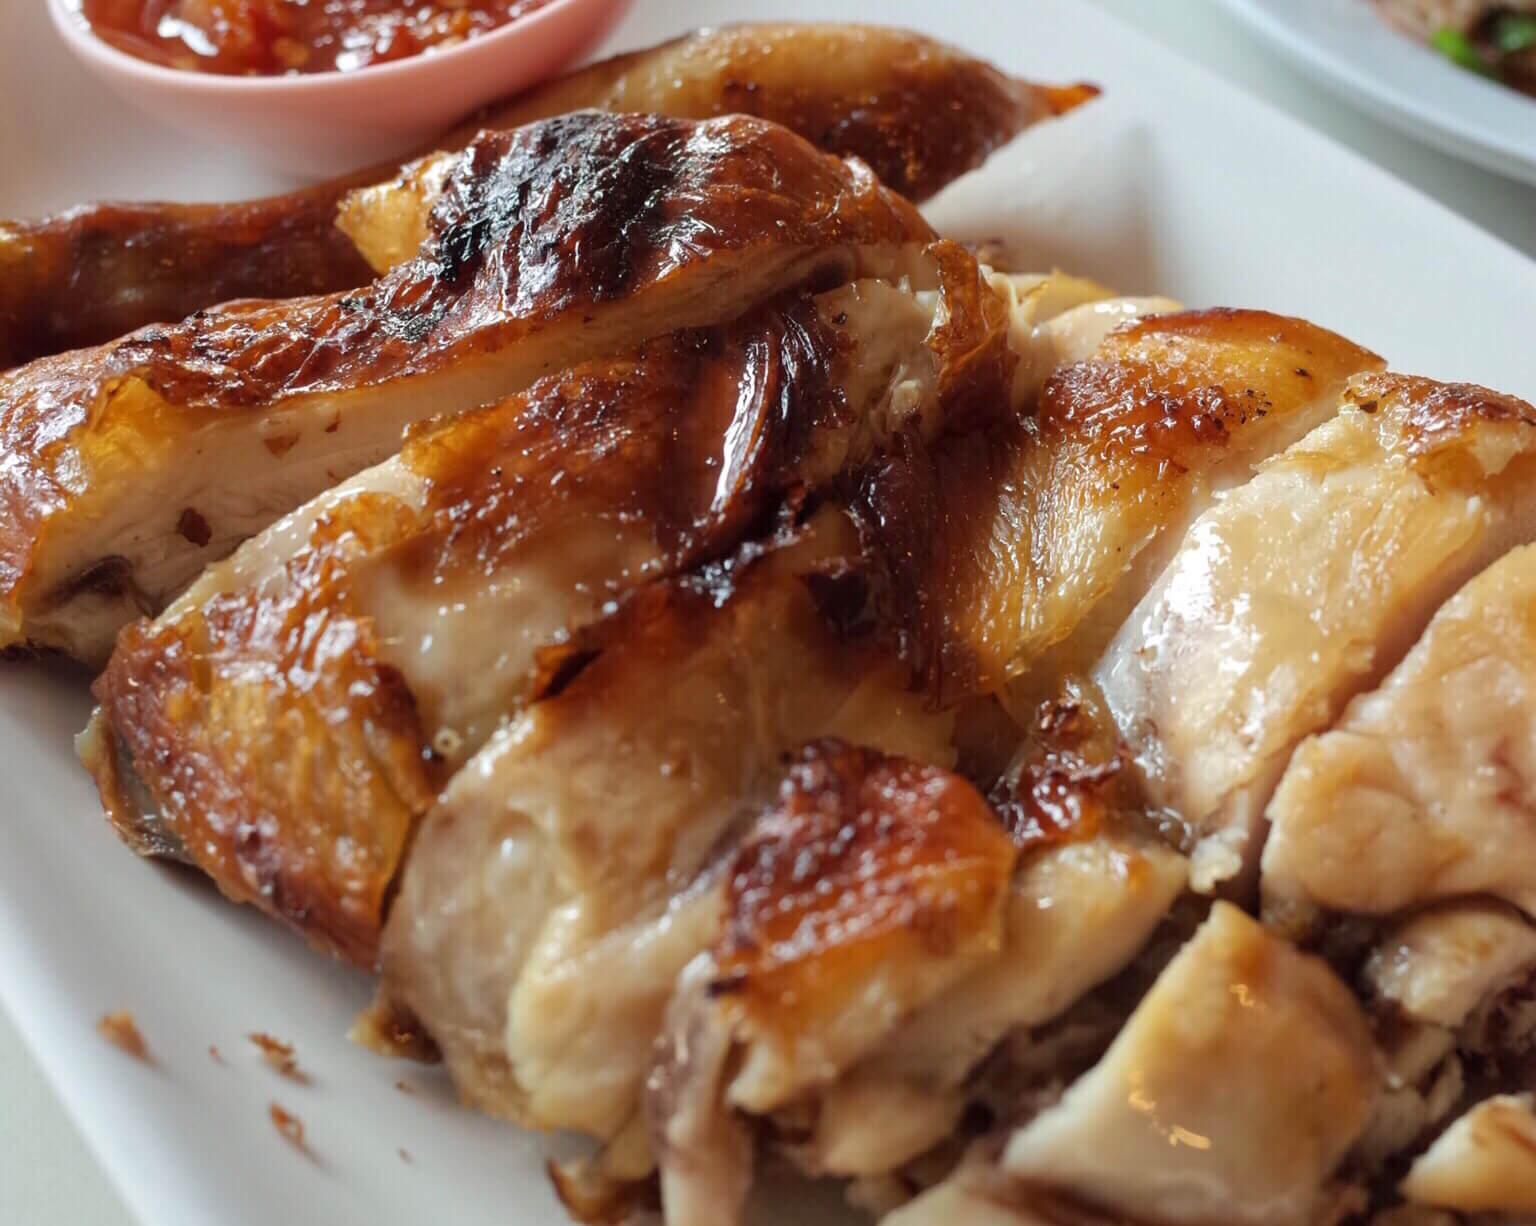 バンコクのグルメ旅行なら「ティダイサーン」のガイヤーンは必食 パリッとジューシー